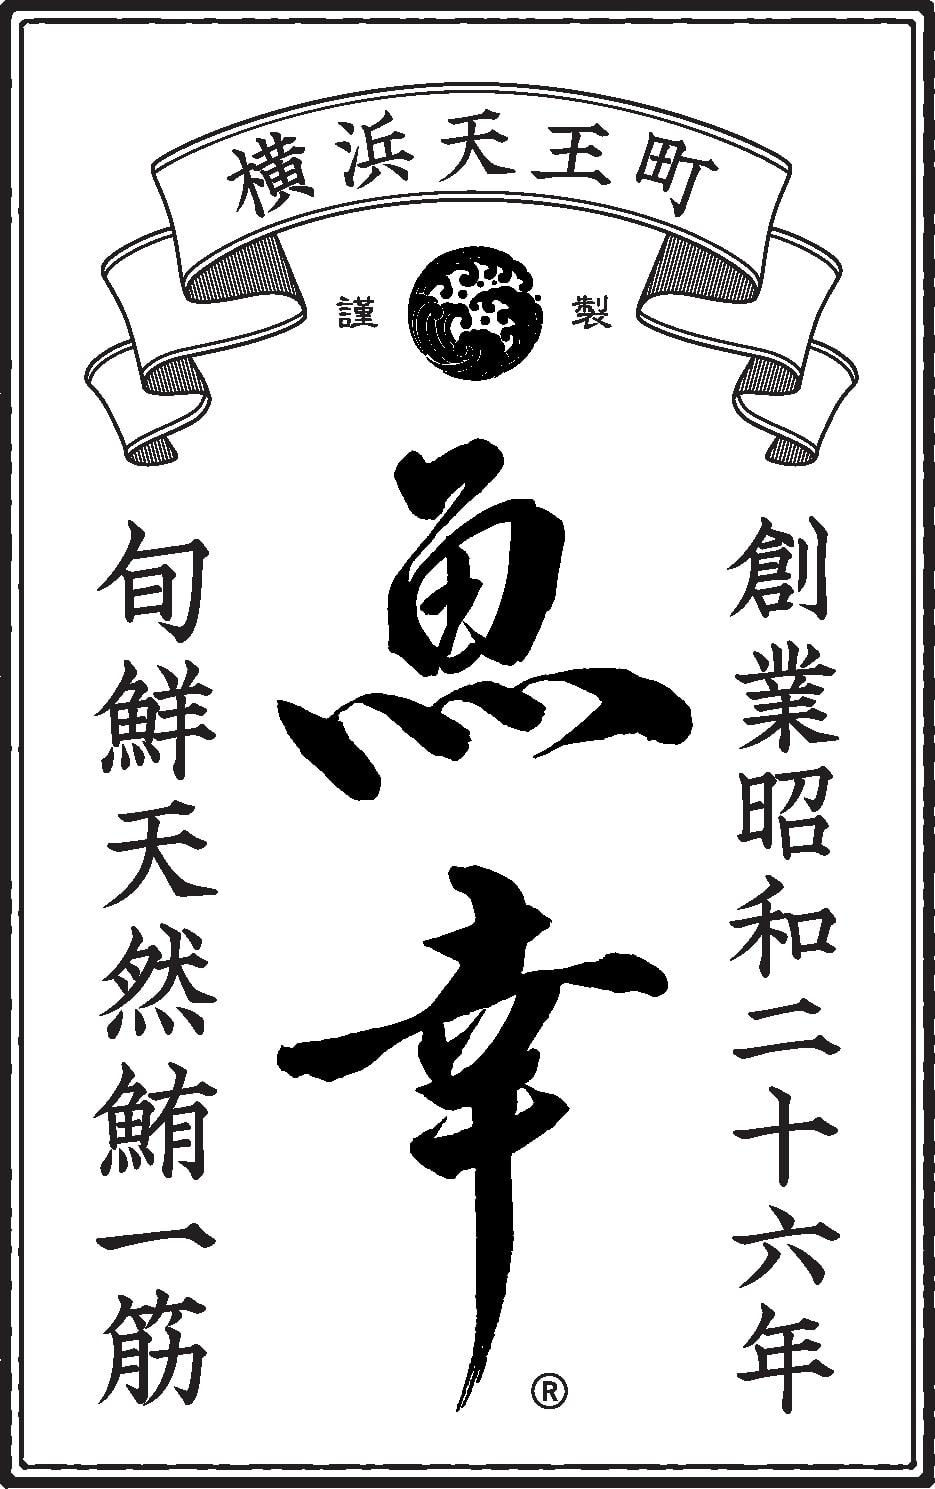 魚幸水産のロゴデザイン